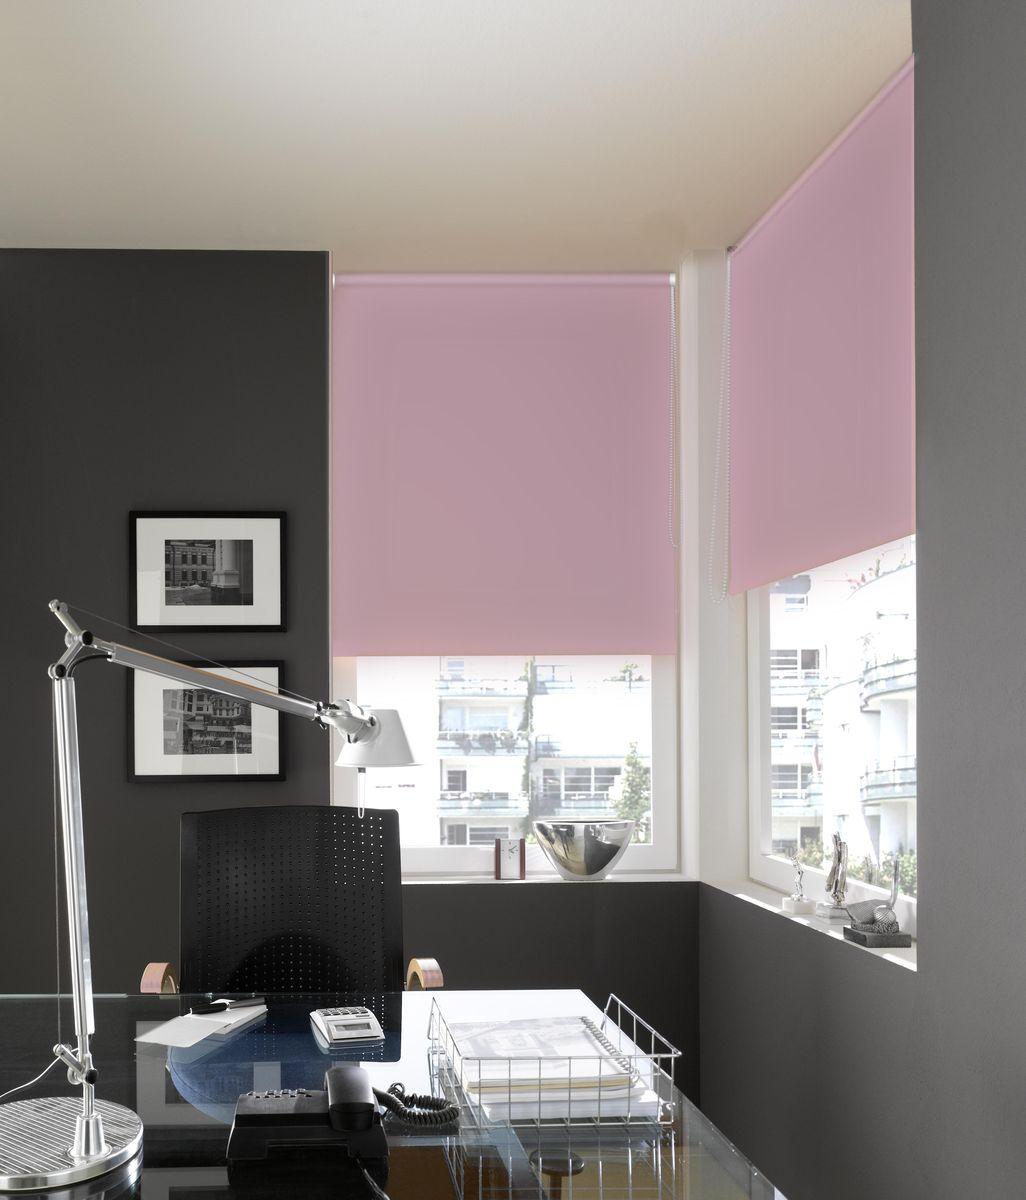 Штора рулонная Эскар Миниролло. Blackout, светонепроницаемая, цвет: розовый кварц, ширина 52 см, высота 170 см1004900000360Рулонными шторами Эскар Миниролло. Blackout можно оформлять окна как самостоятельно, так и использовать в комбинации с портьерами. Это поможет предотвратить выгорание дорогой ткани на солнце и соединит функционал рулонных с красотой навесных. Преимущества применения рулонных штор для пластиковых окон: - имеют прекрасный внешний вид: многообразие и фактурность материала изделия отлично смотрятся в любом интерьере;- многофункциональны: есть возможность подобрать шторы способные эффективно защитить комнату от солнца, при этом она не будет слишком темной;- есть возможность осуществить быстрый монтаж.ВНИМАНИЕ! Размеры ширины изделия указаны по ширине ткани! Во время эксплуатации не рекомендуется полностью разматывать рулон, чтобы не оторвать ткань от намоточного вала. В случае загрязнения поверхности ткани, чистку шторы проводят одним из способов, в зависимости от типа загрязнения:легкое поверхностное загрязнение можно удалить при помощи канцелярского ластика;чистка от пыли производится сухим методом при помощи пылесоса с мягкой щеткой-насадкой;для удаления пятна используйте мягкую губку с пенообразующим неагрессивным моющим средством или пятновыводитель на натуральной основе (нельзя применять растворители).